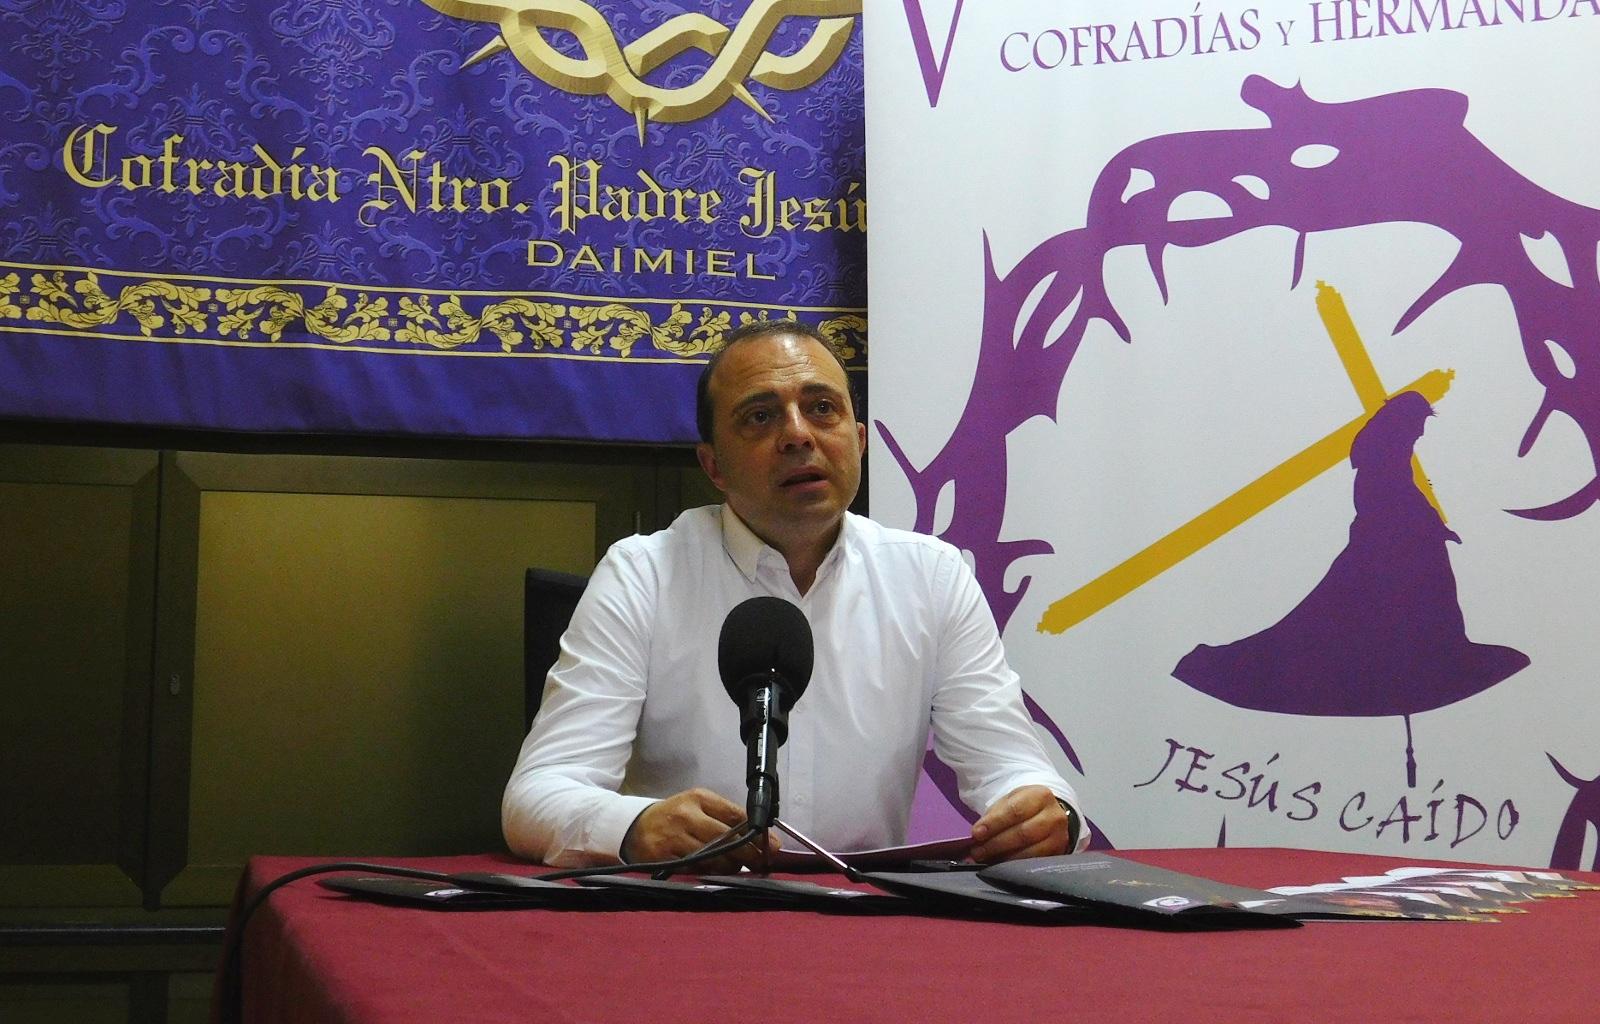 Daimiel, sede del V Congreso Nacional de cofradías y hermandades de Jesús Caído